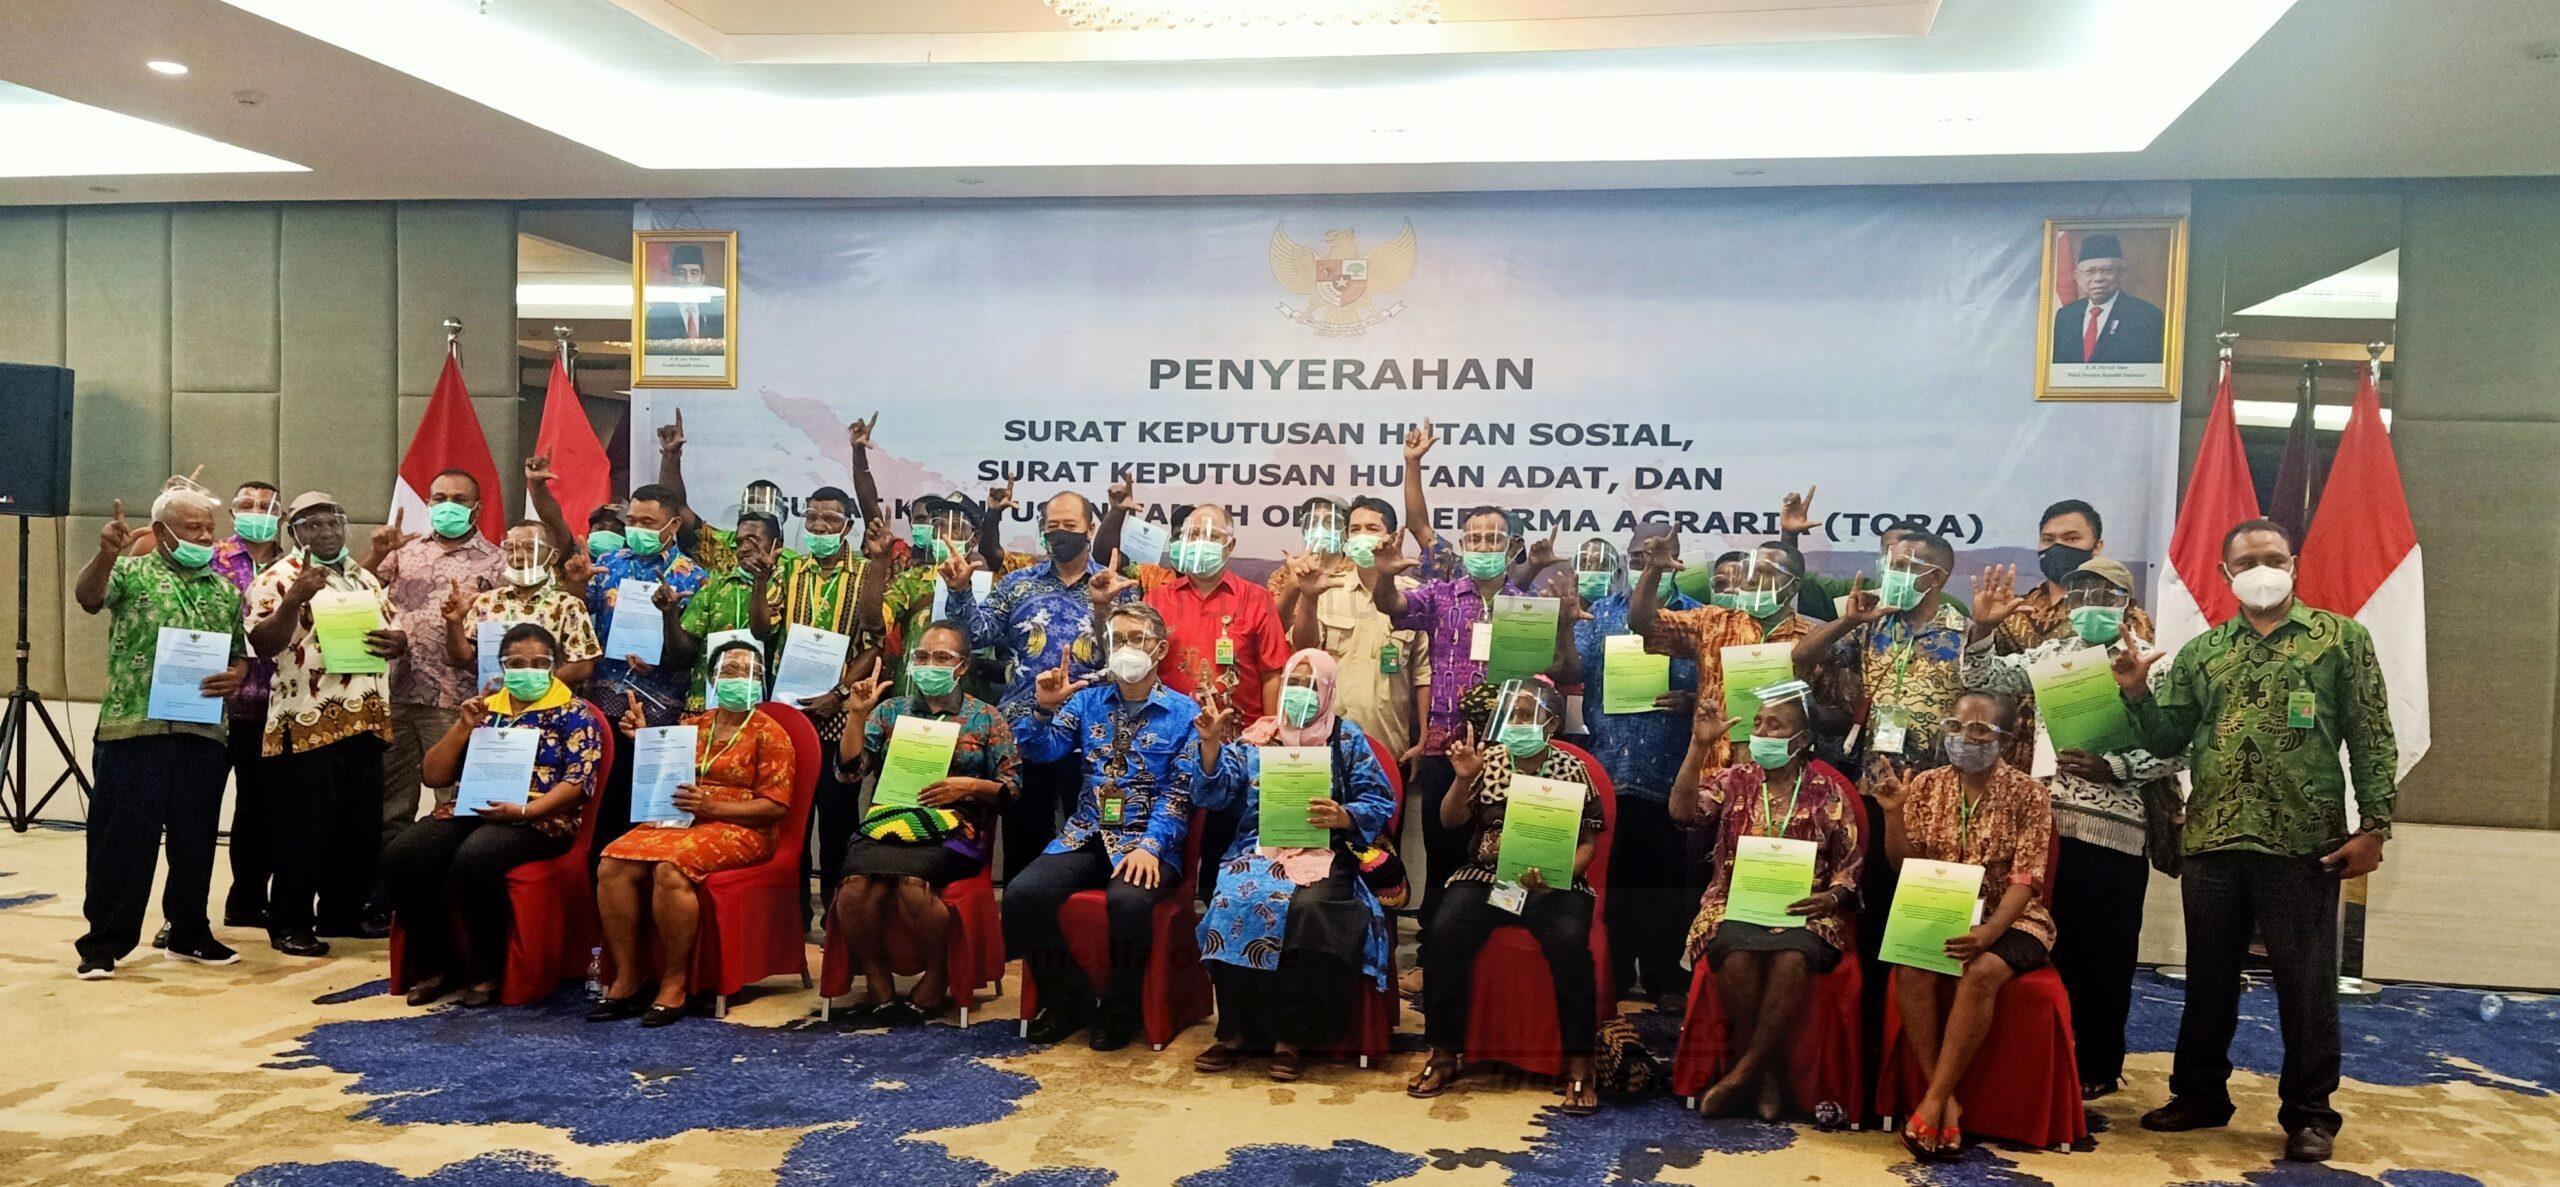 Gubernur Papua Barat, SK Hutan Adat Akan Ditindaklanjuti Dalam Pergub dan Perda 26 IMG 20210108 202405 scaled